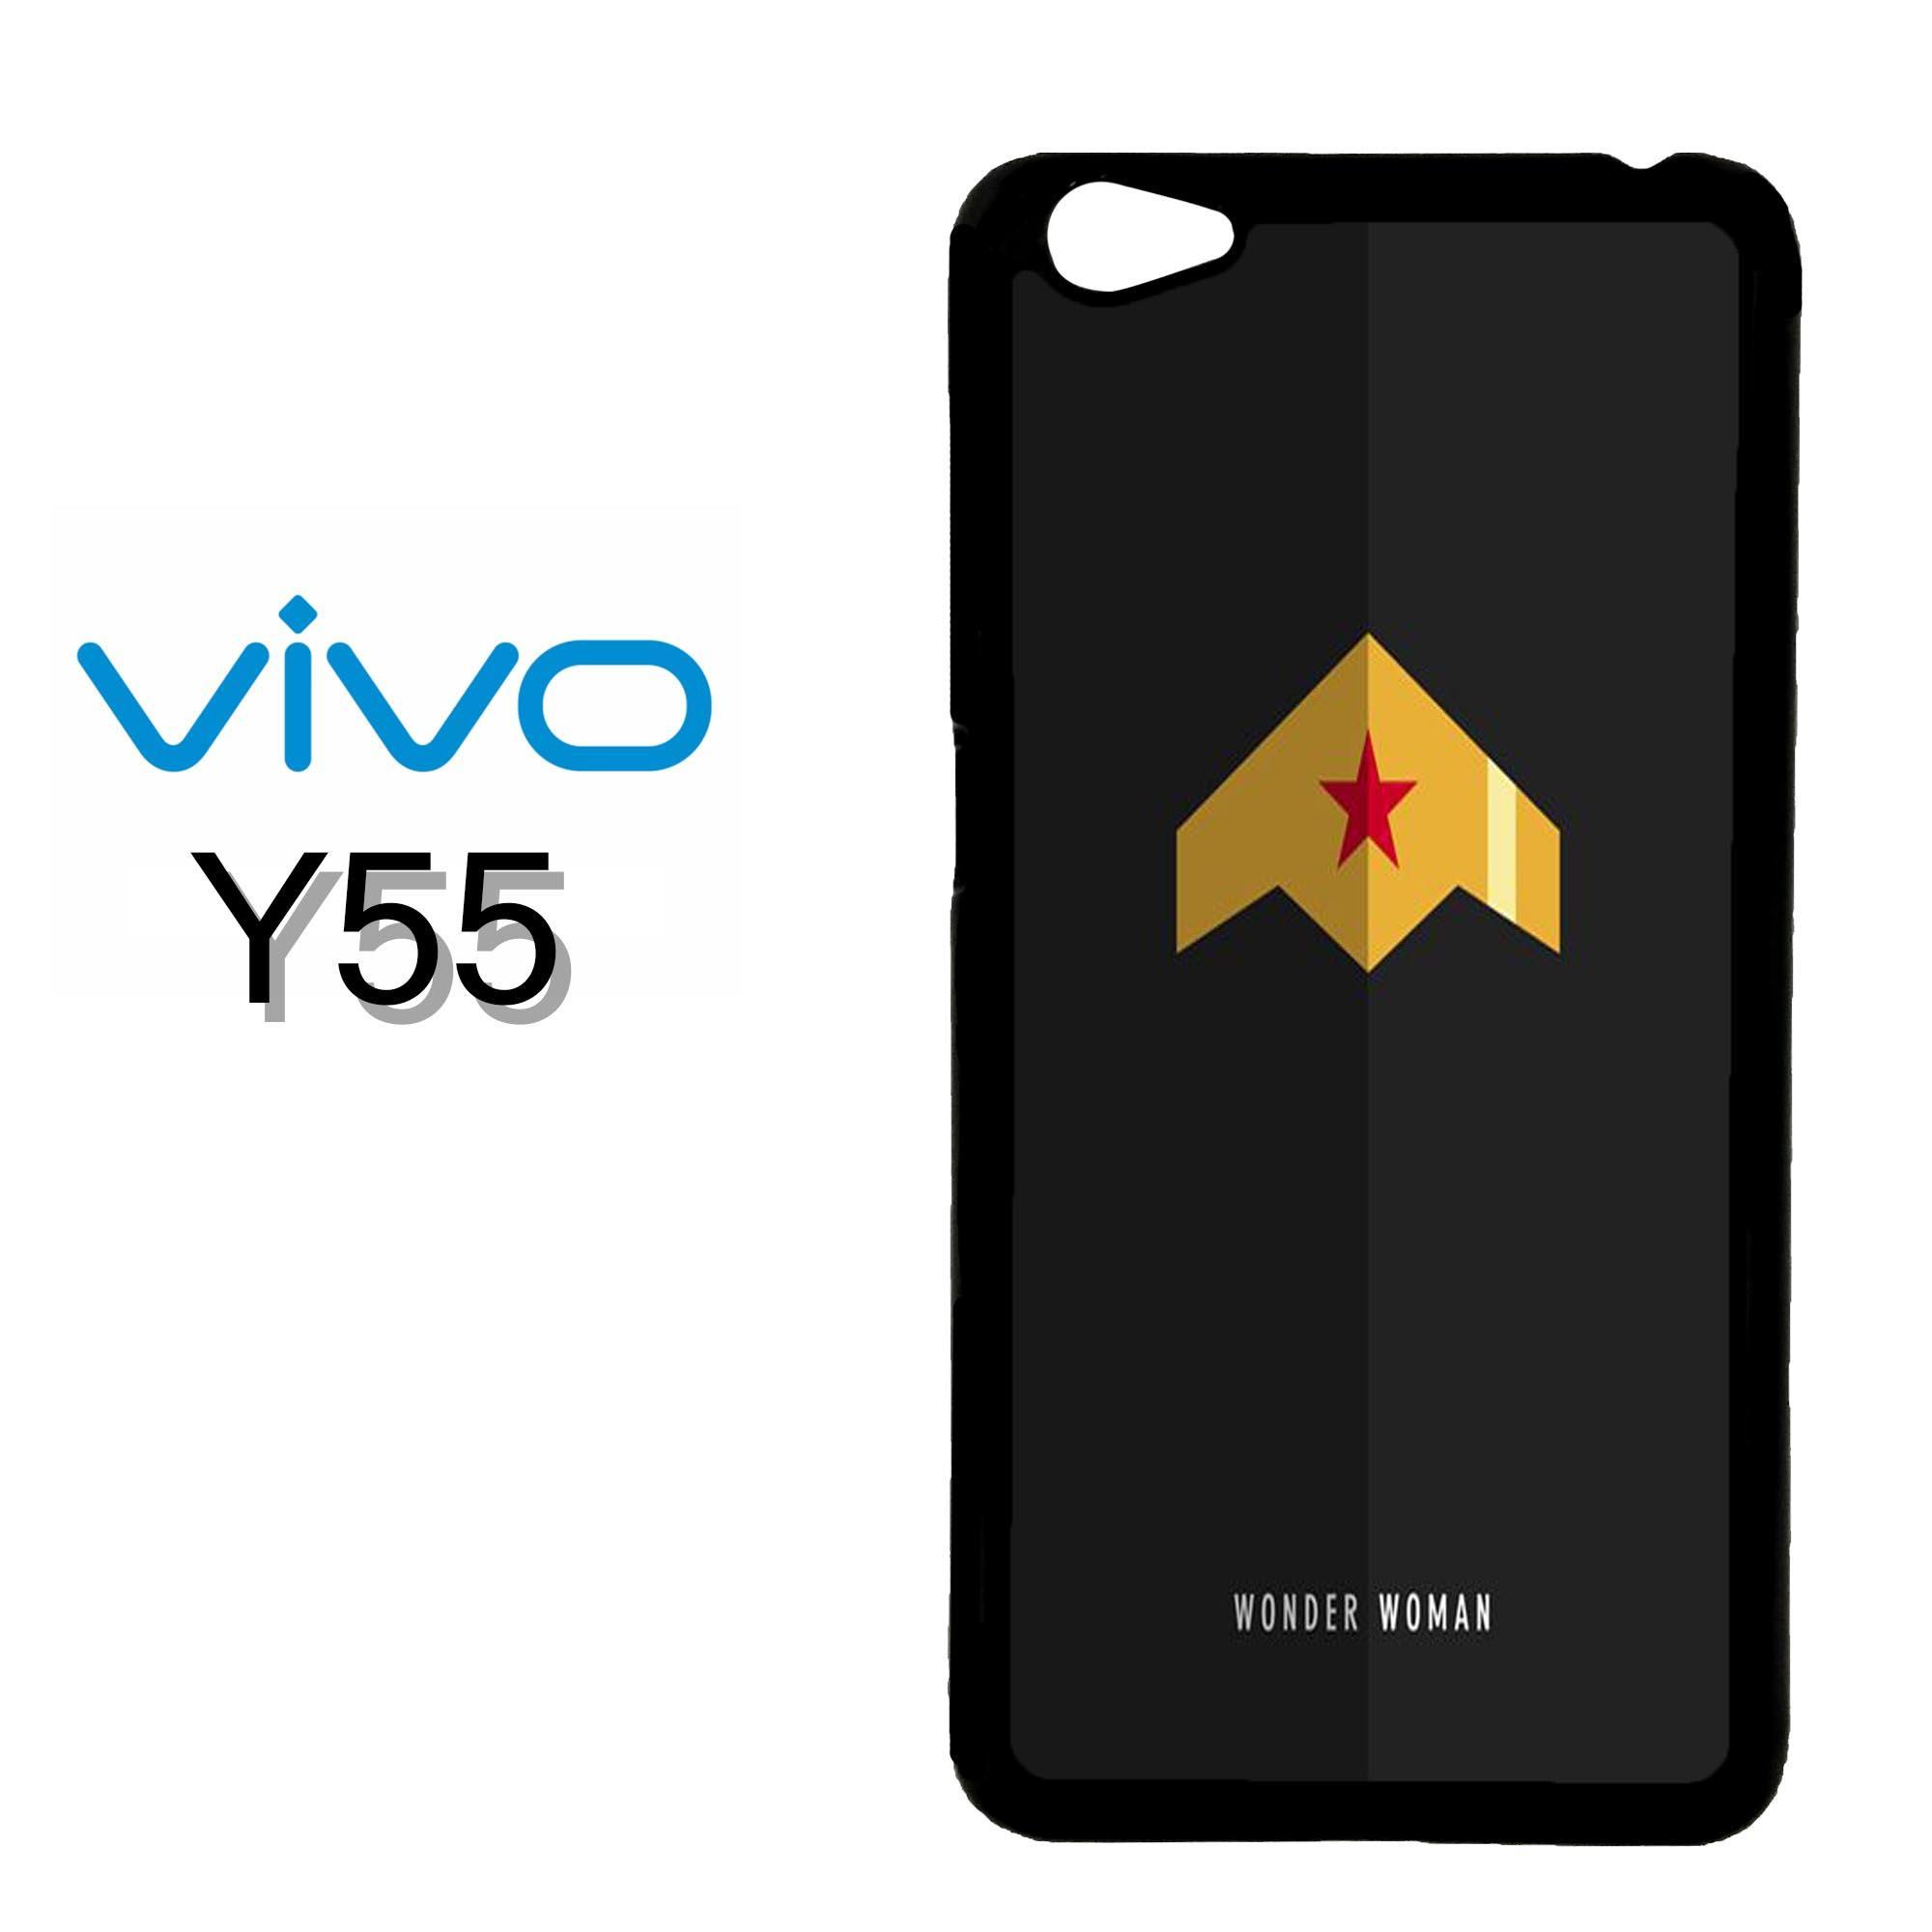 Review Case Kulit New For Vivo Y55 Dan Harga Terbaru - Daftar Harga ... 4019251f32